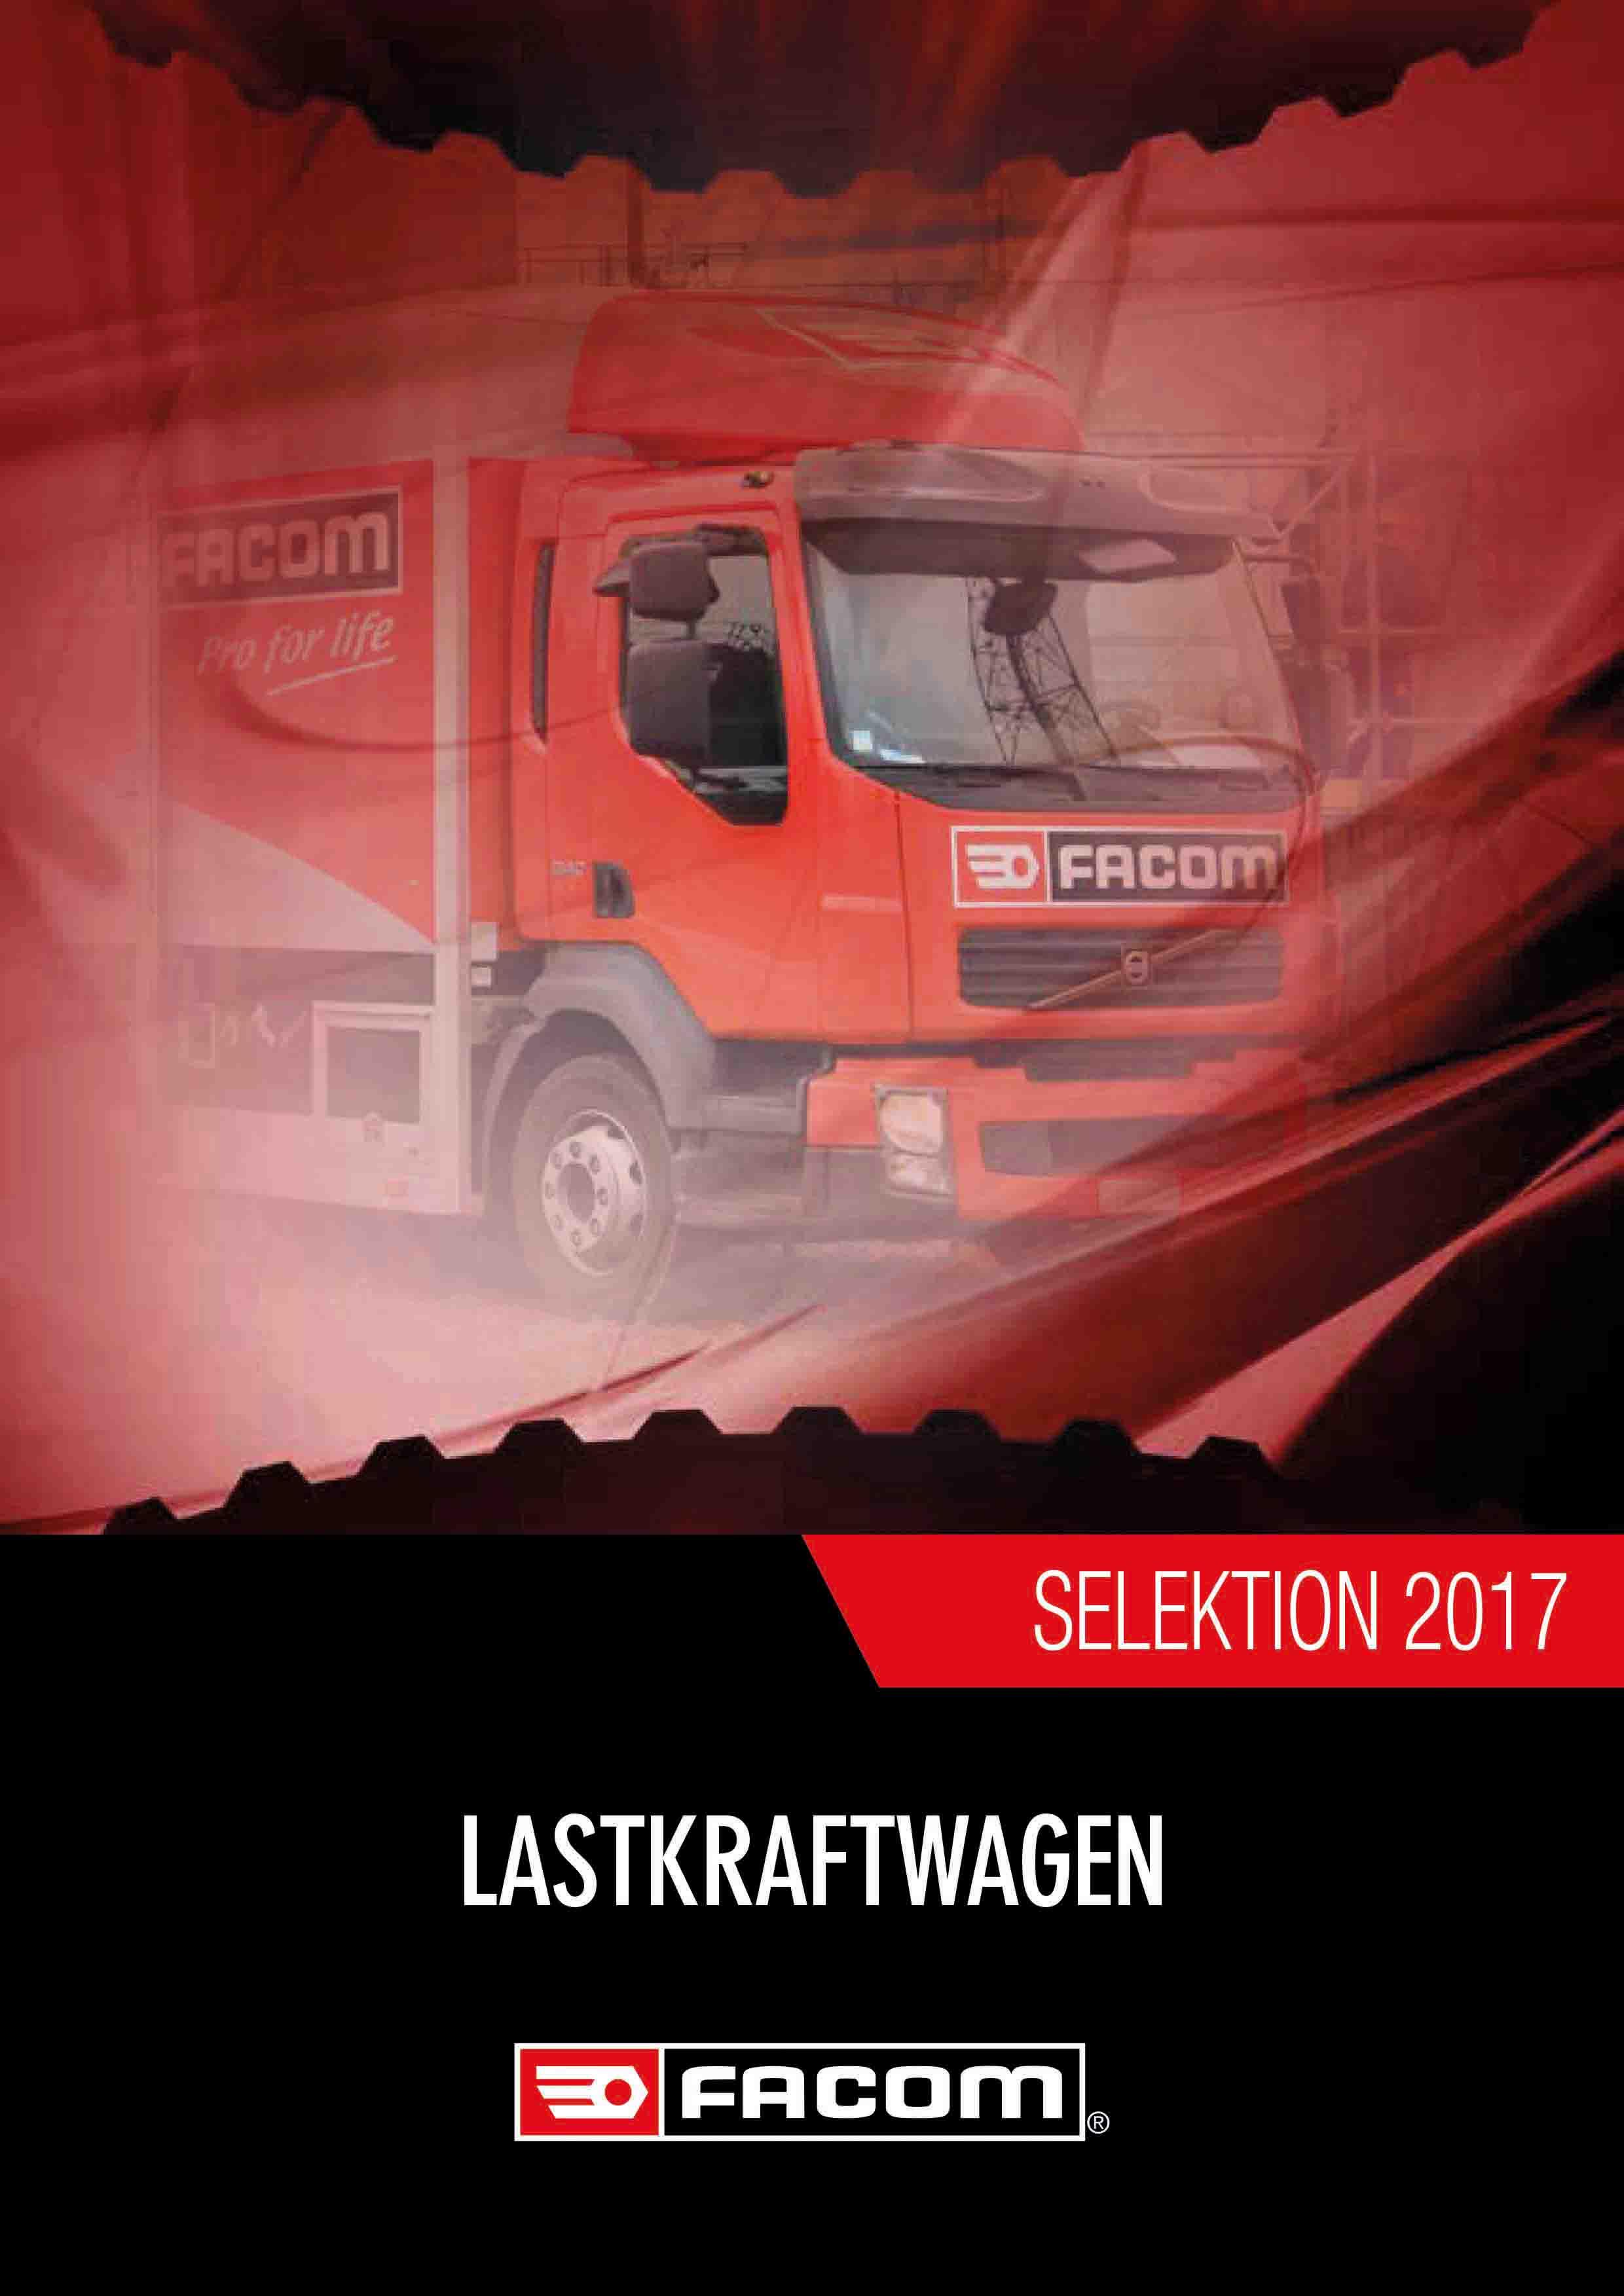 Facom Lastkraftwagen 2017